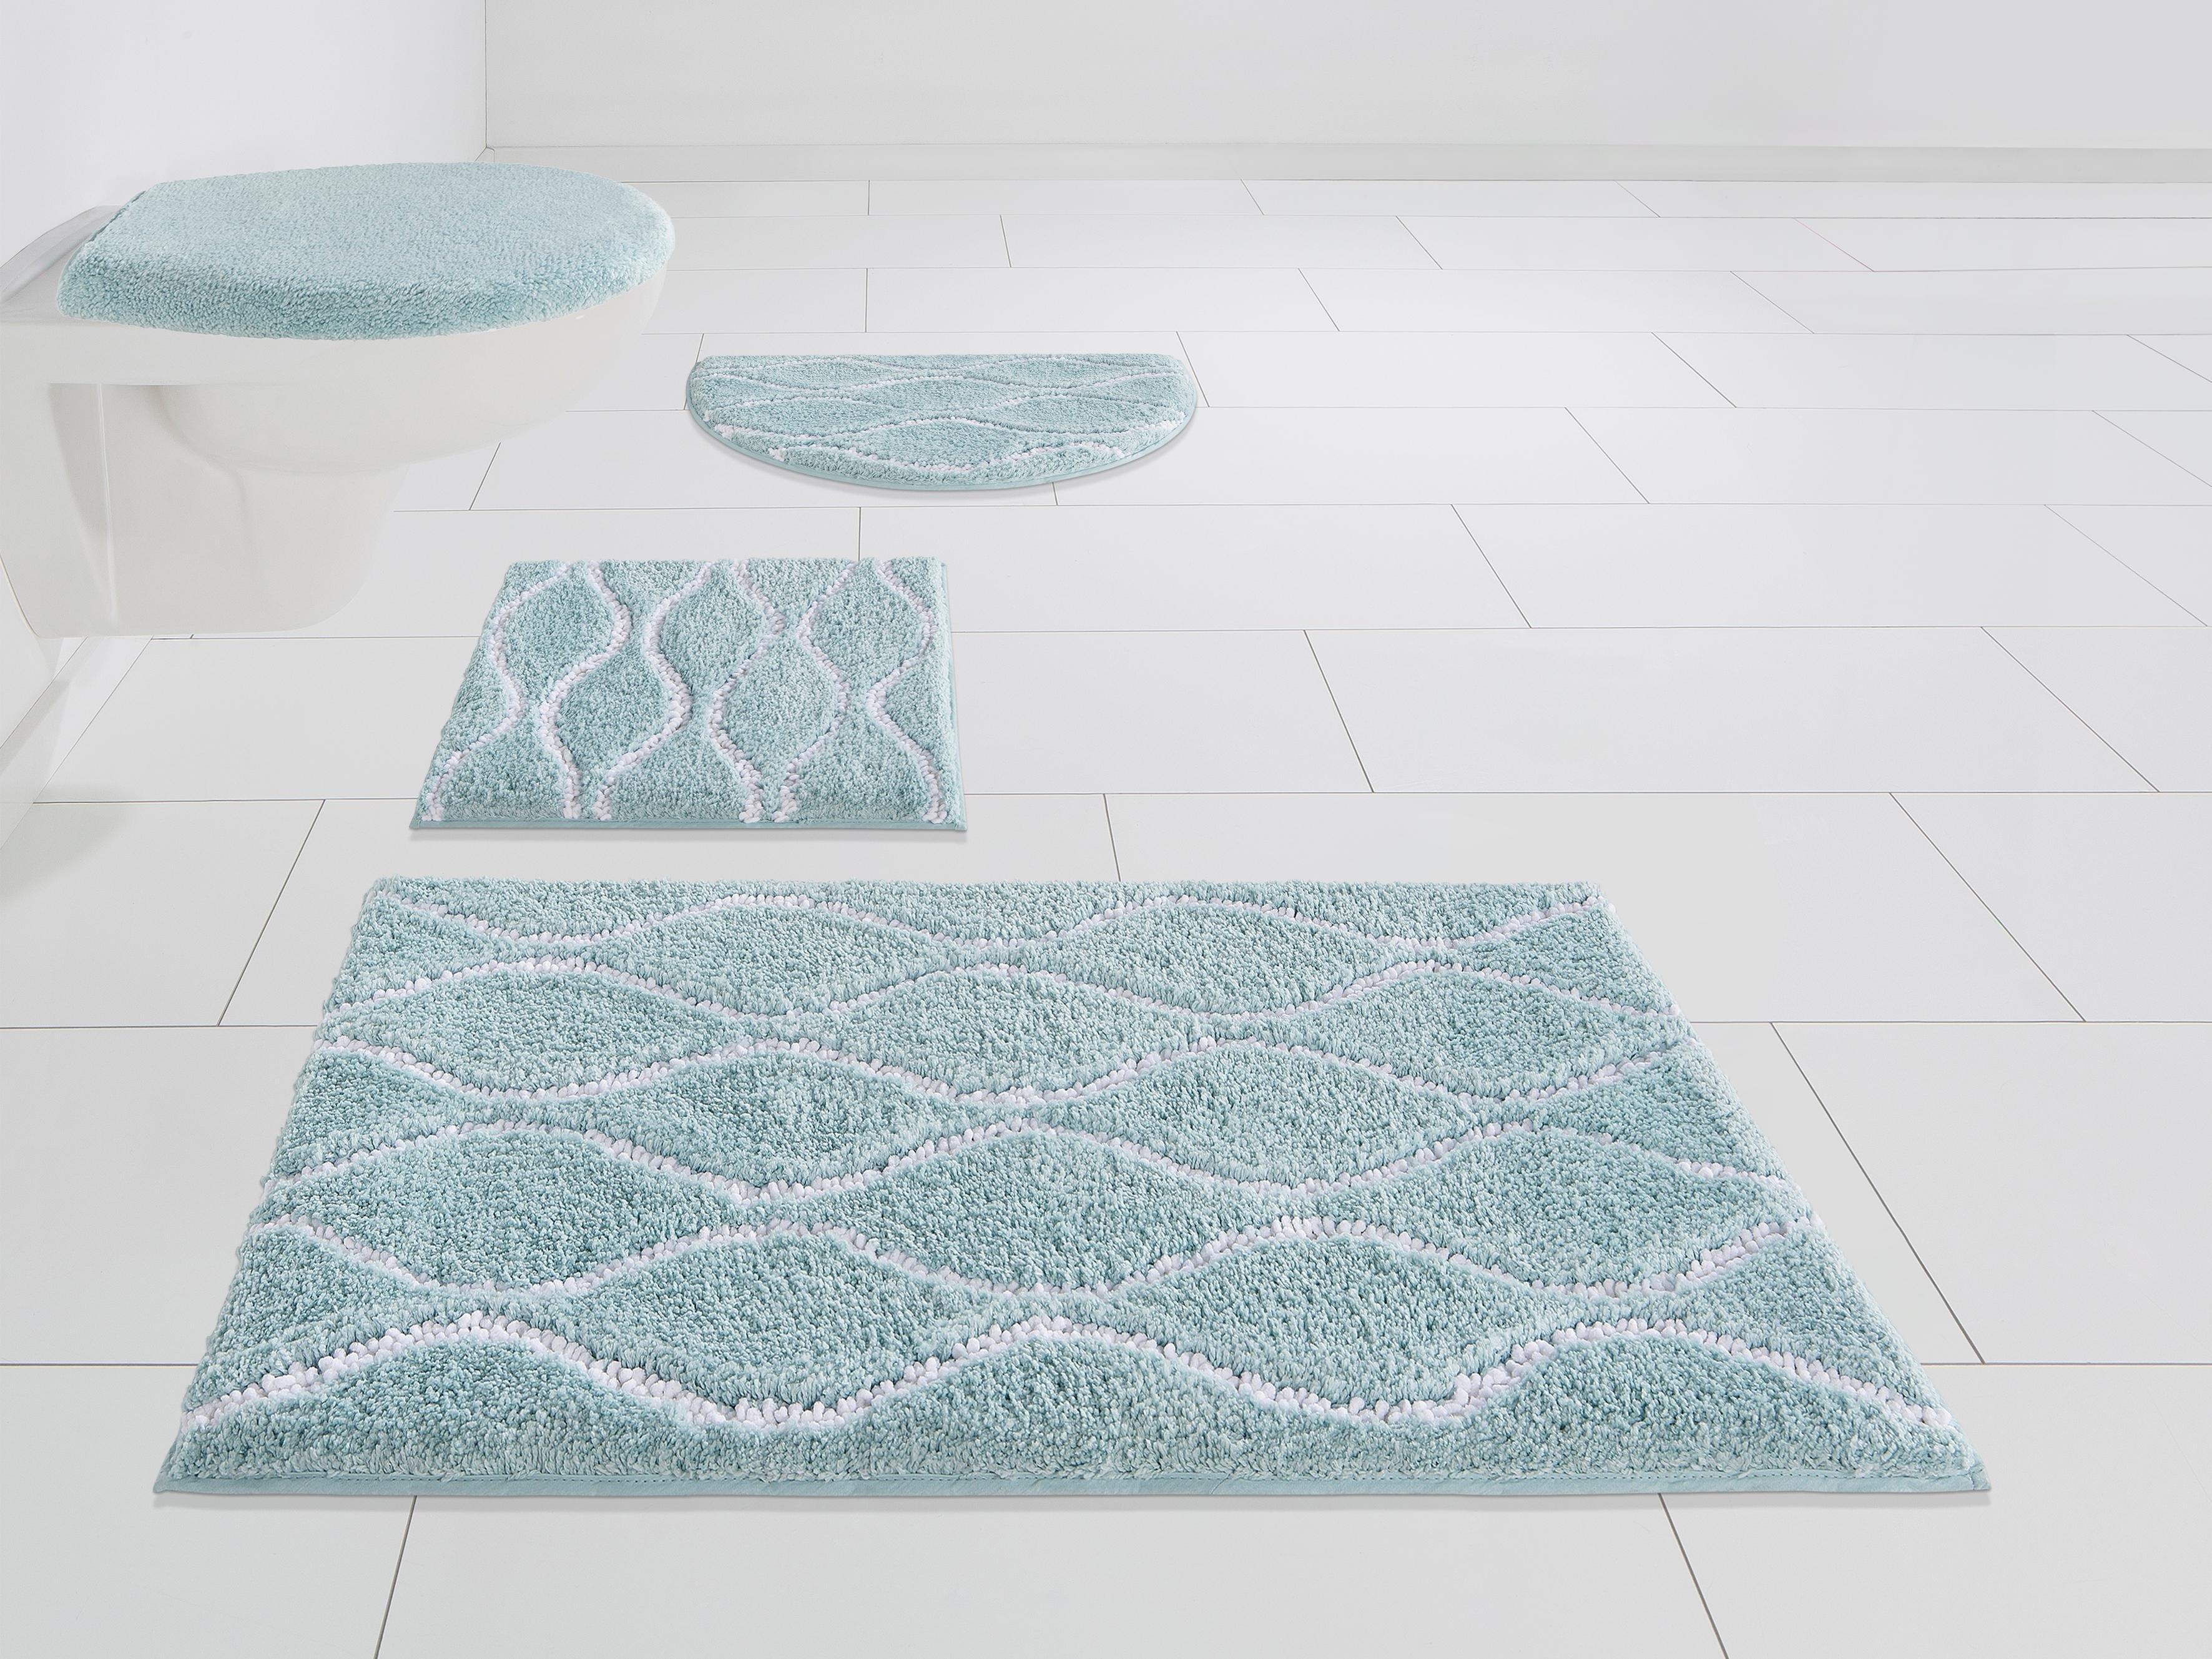 Home Affaire Badmat »Hila«, hoogte 18 mm, met antislip-coating, geschikt voor vloerverwarming - gratis ruilen op otto.nl